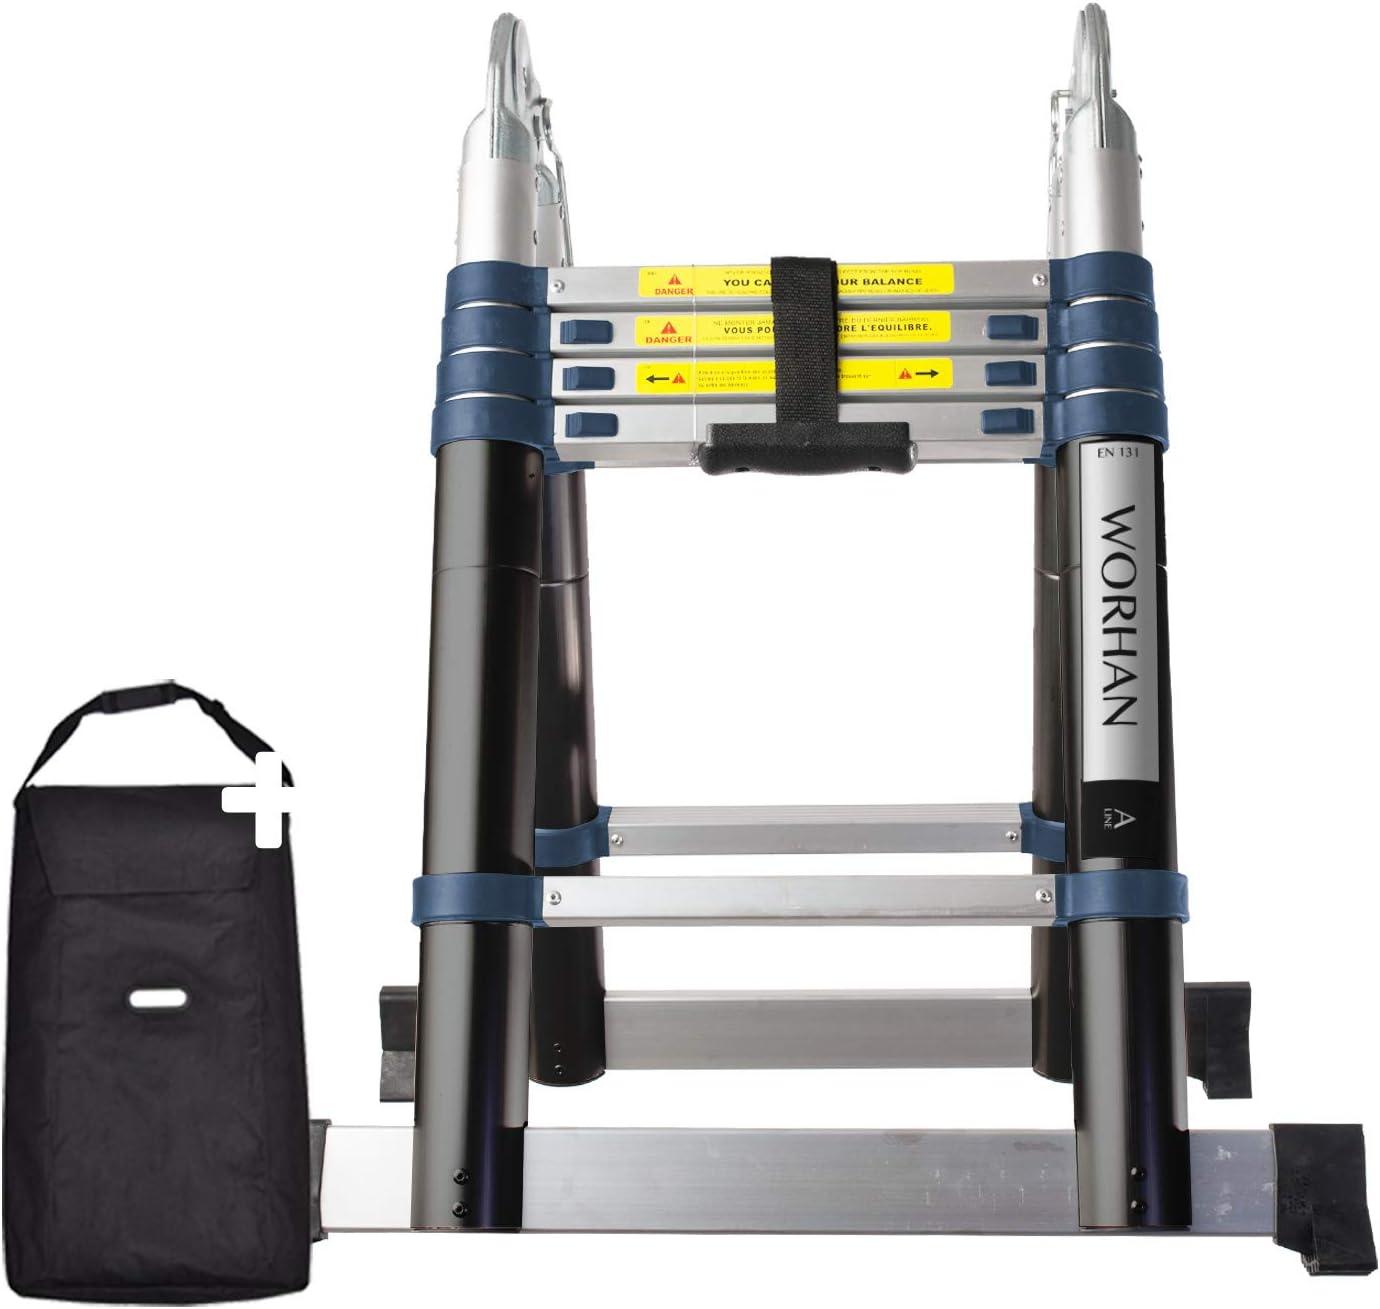 WORHAN® 3.2m Escalera Doble Telescopica PRO Multiuso Multifuncional Plegable Tijera Aluminio Anodizado Nueva Generación Calidad Alta 320cm K3.2B: Amazon.es: Bricolaje y herramientas